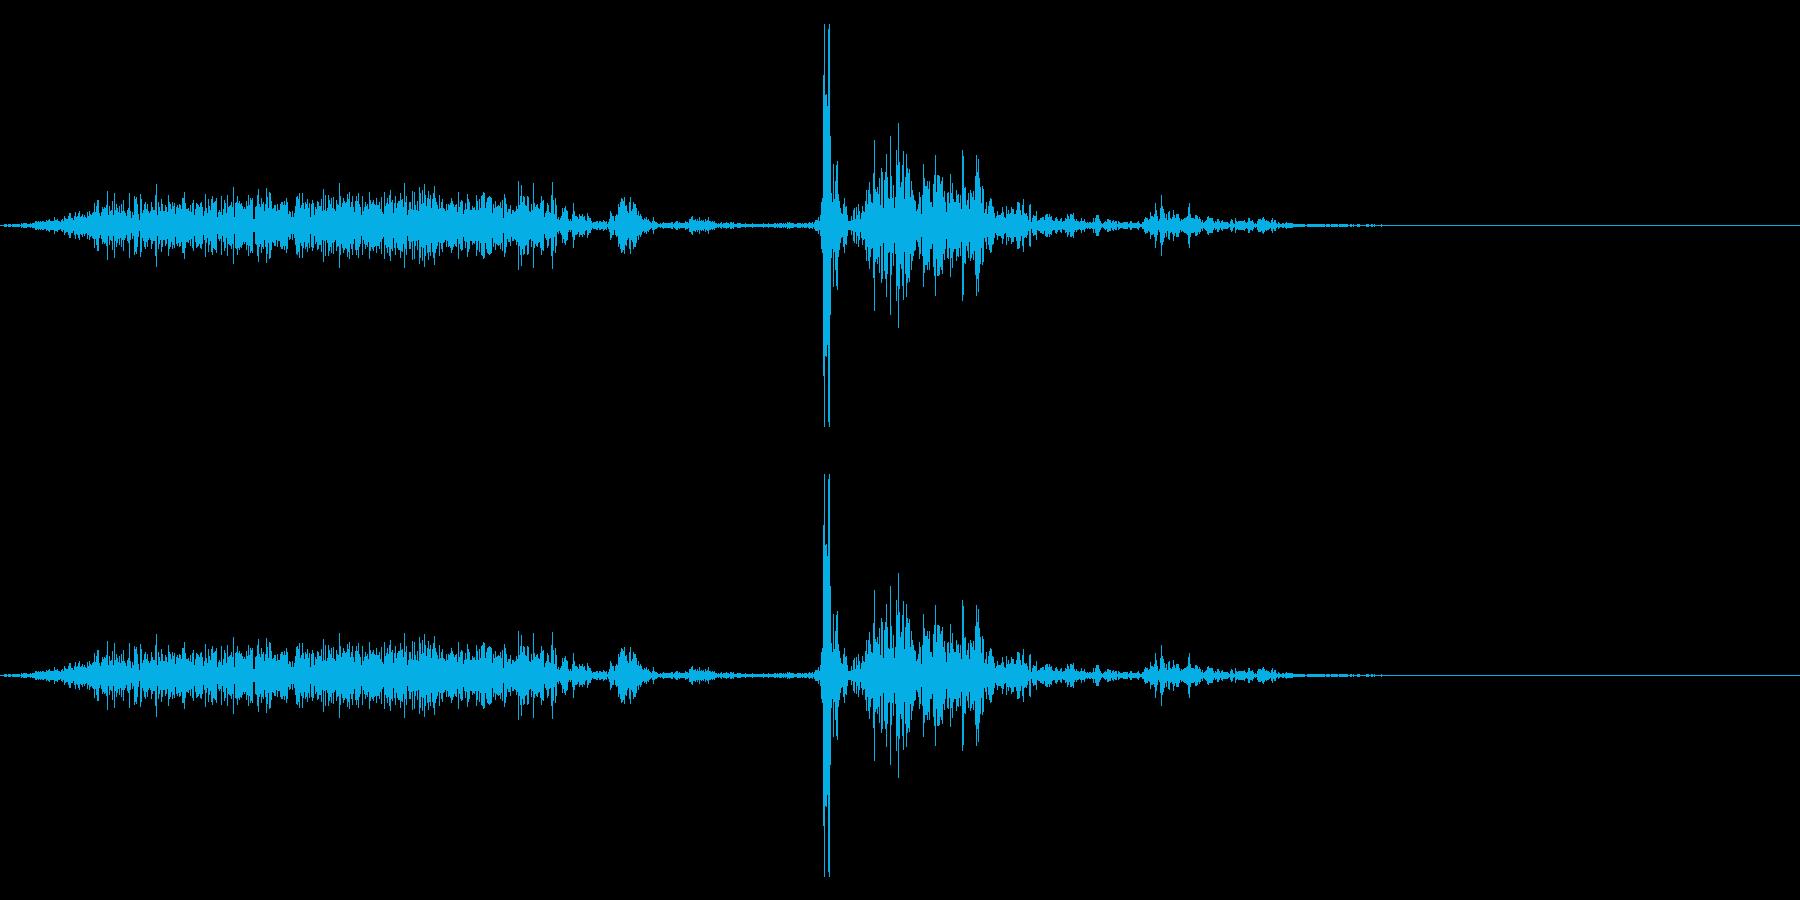 【生録音】本のページをめくる音 16の再生済みの波形